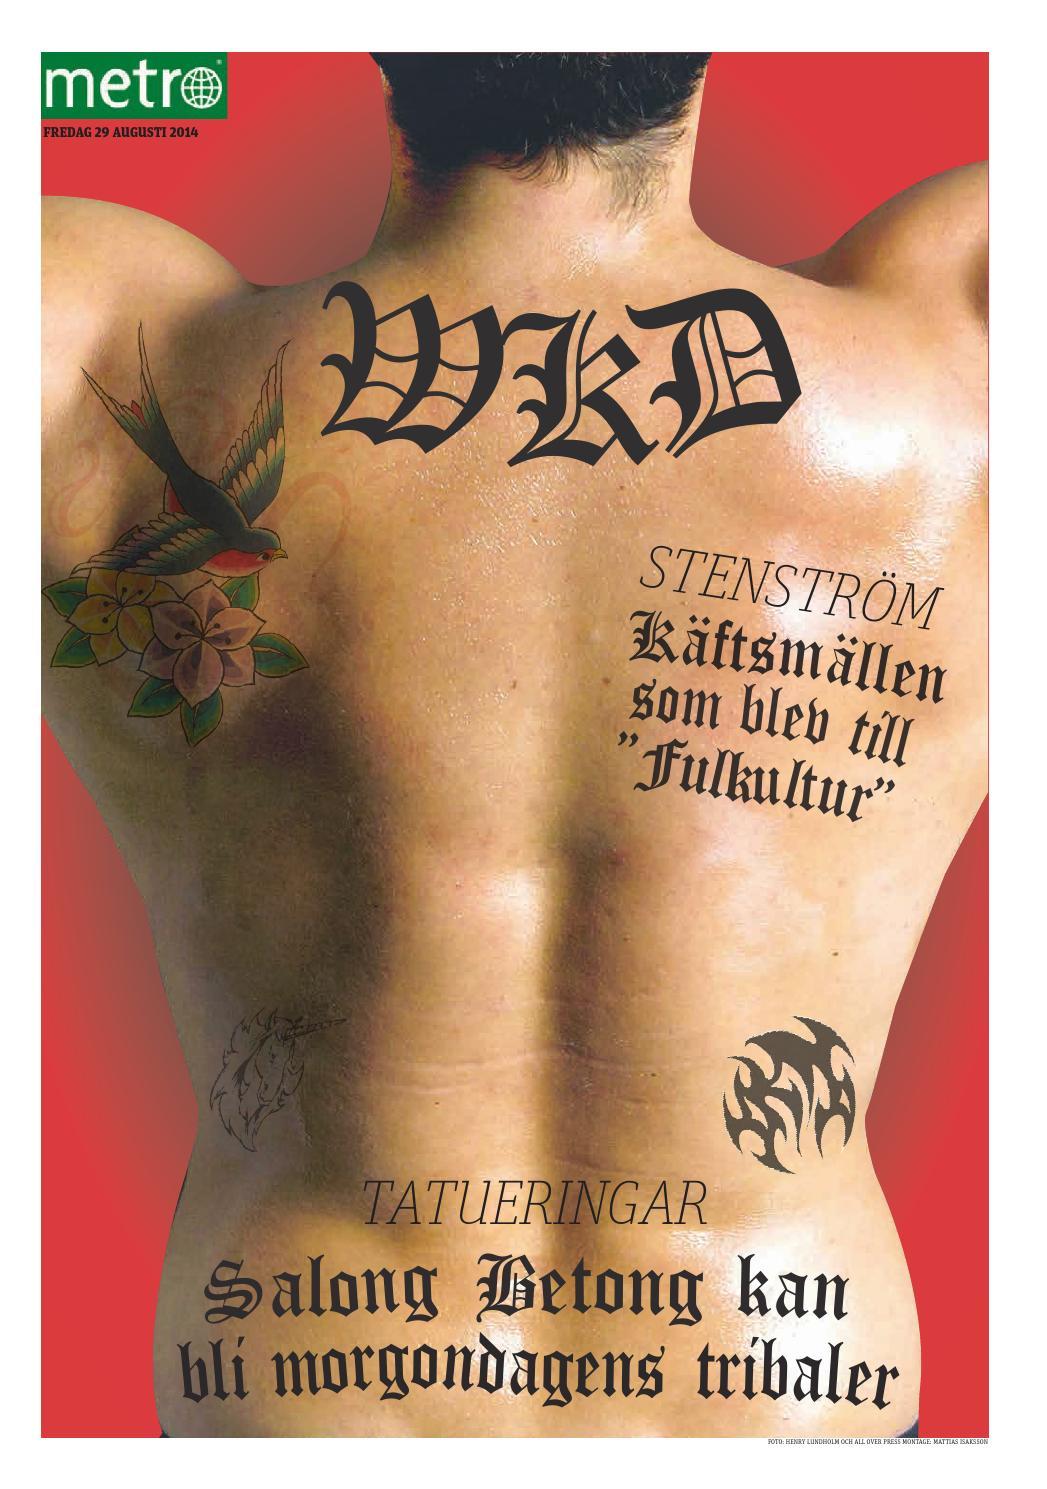 tatueringar ledsagare stor nära Stockholm